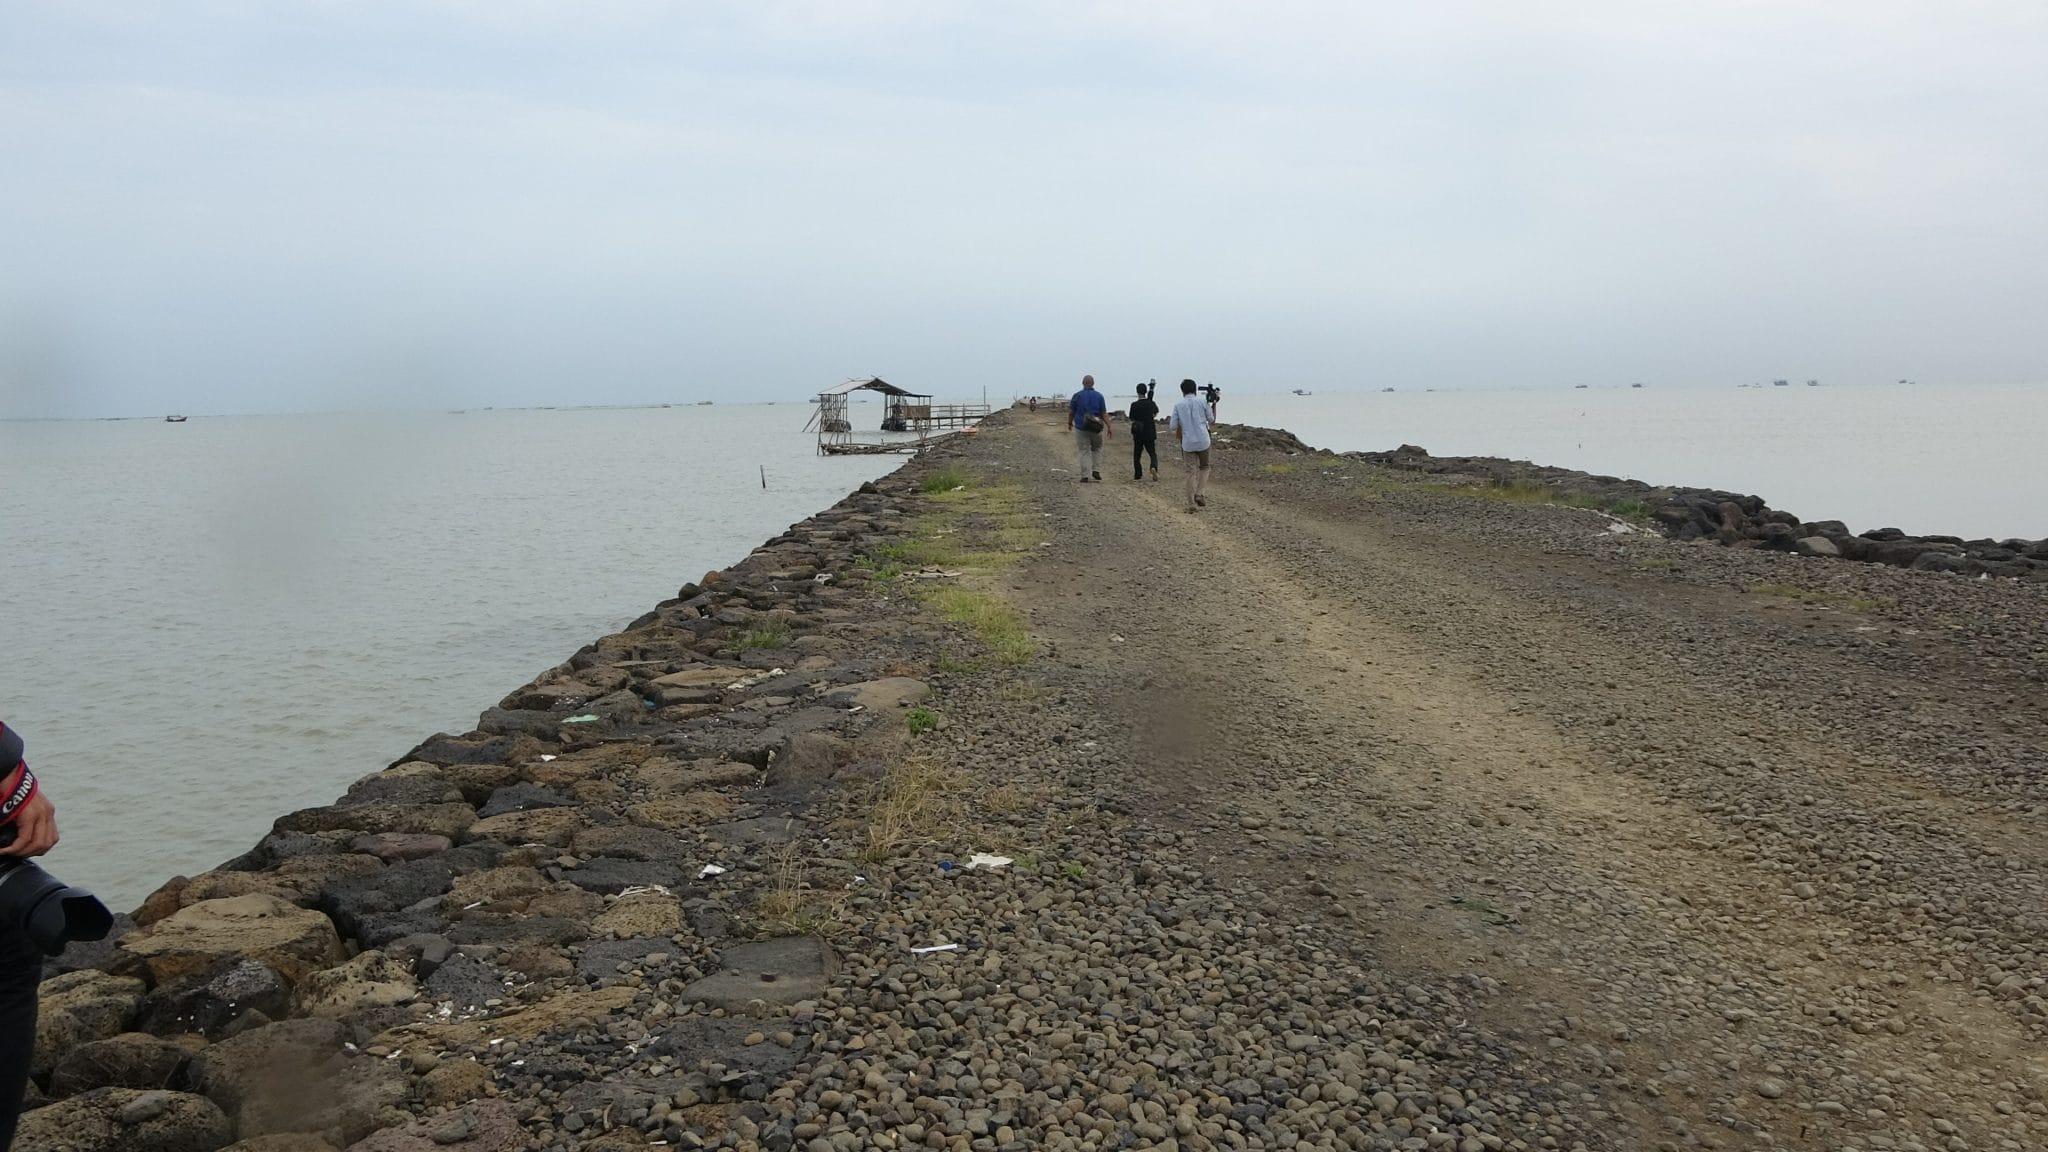 Kawasan_Pelabuhan_Pengumpan_Regional_yang_akan_dikembangkan_menjadi_Pelabuhan_Patimban__Subang